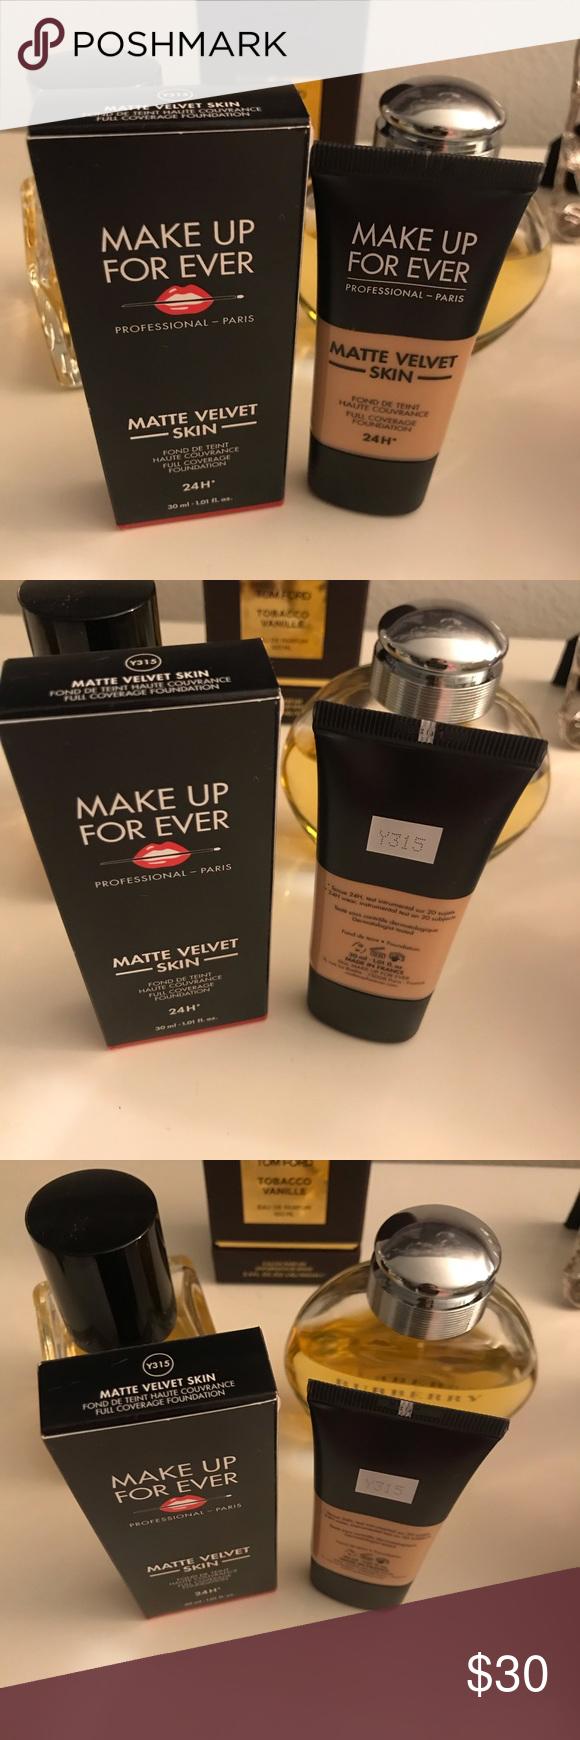 Make Up For Ever Matte Velvet Skin Blurring Powder